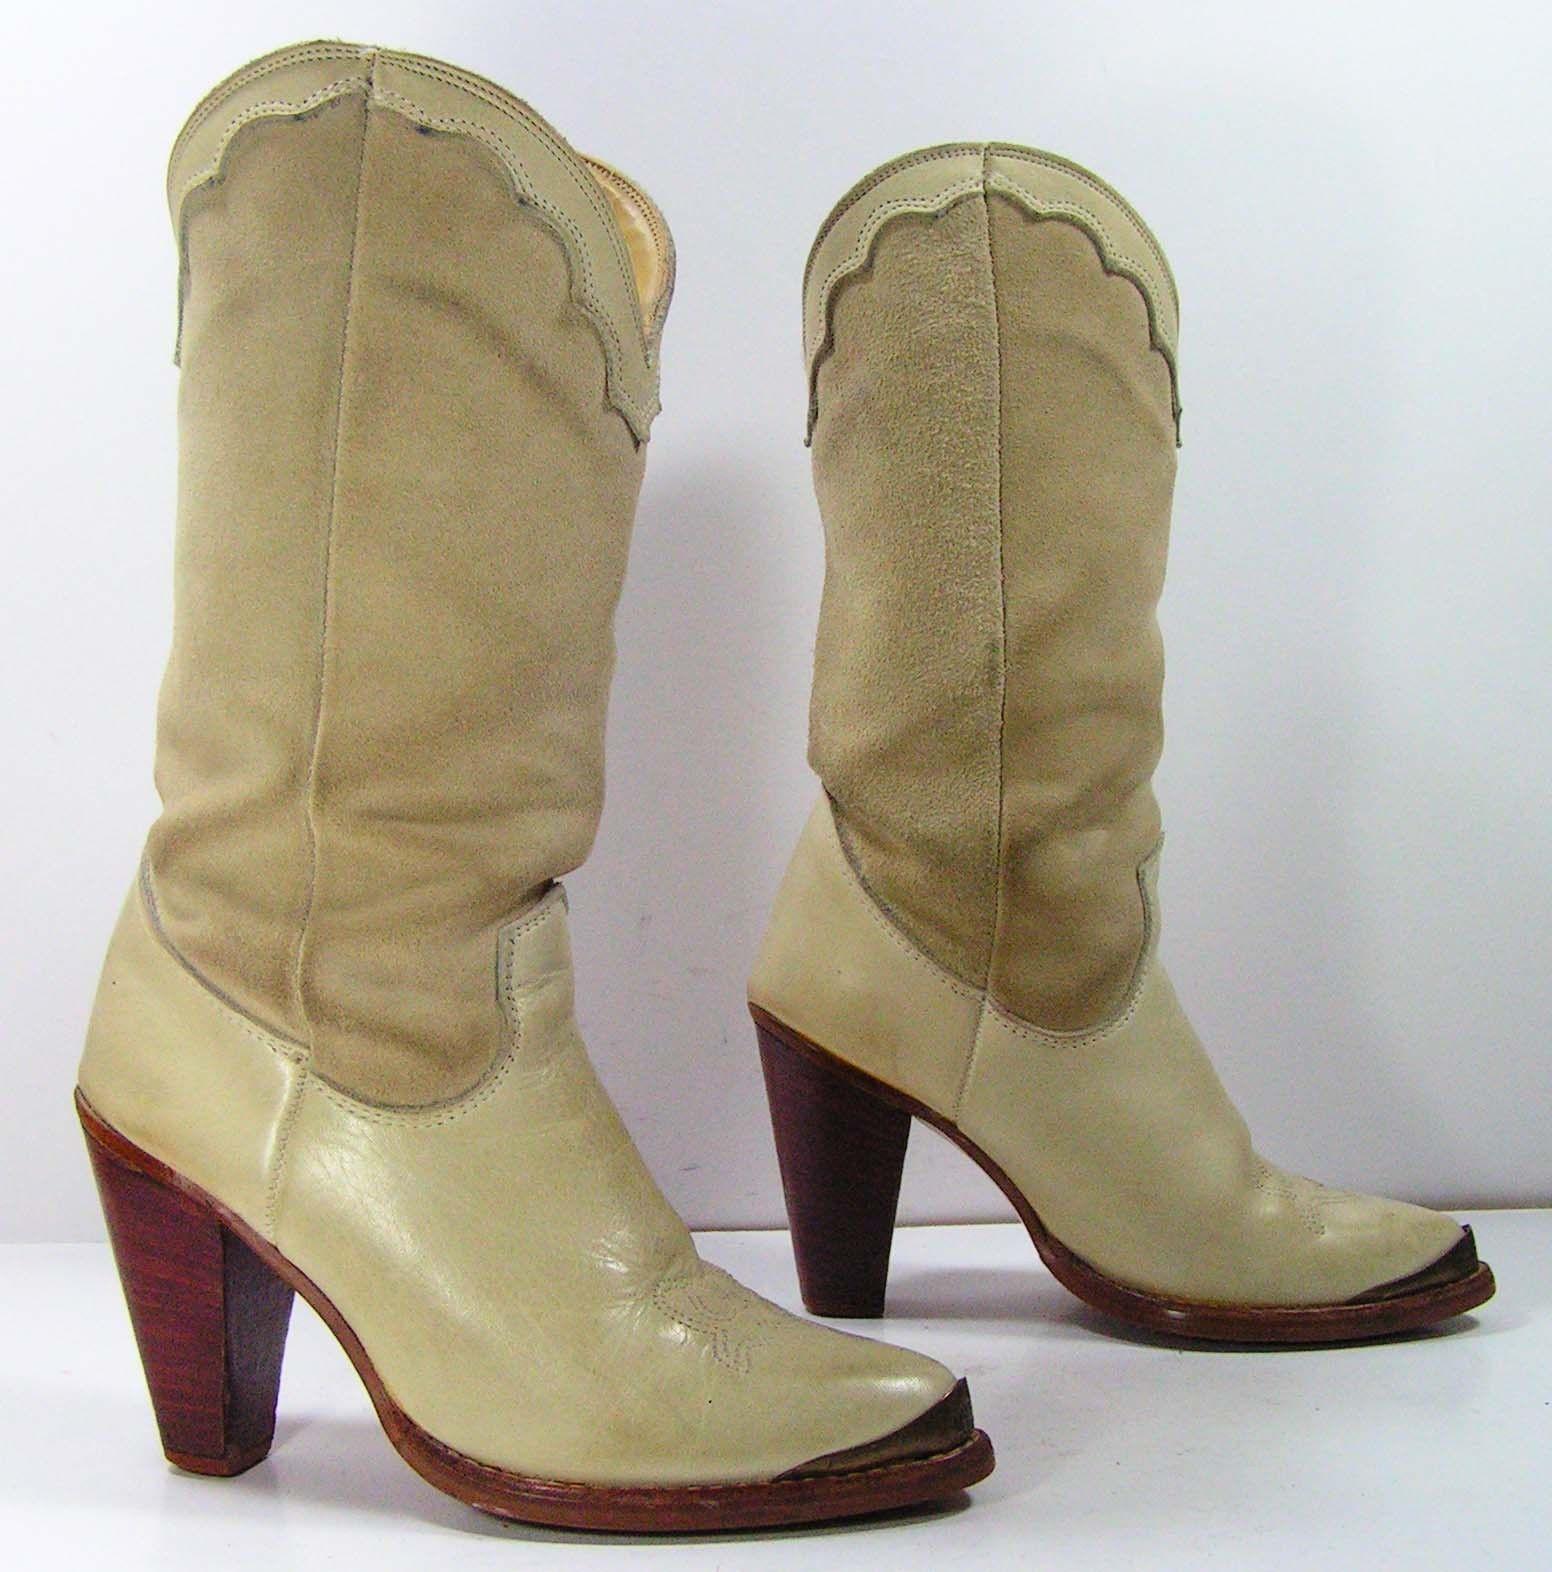 eb7c81b3e4f zodiac cowboy boots womens 5.5 M bone leather suede western antique ...